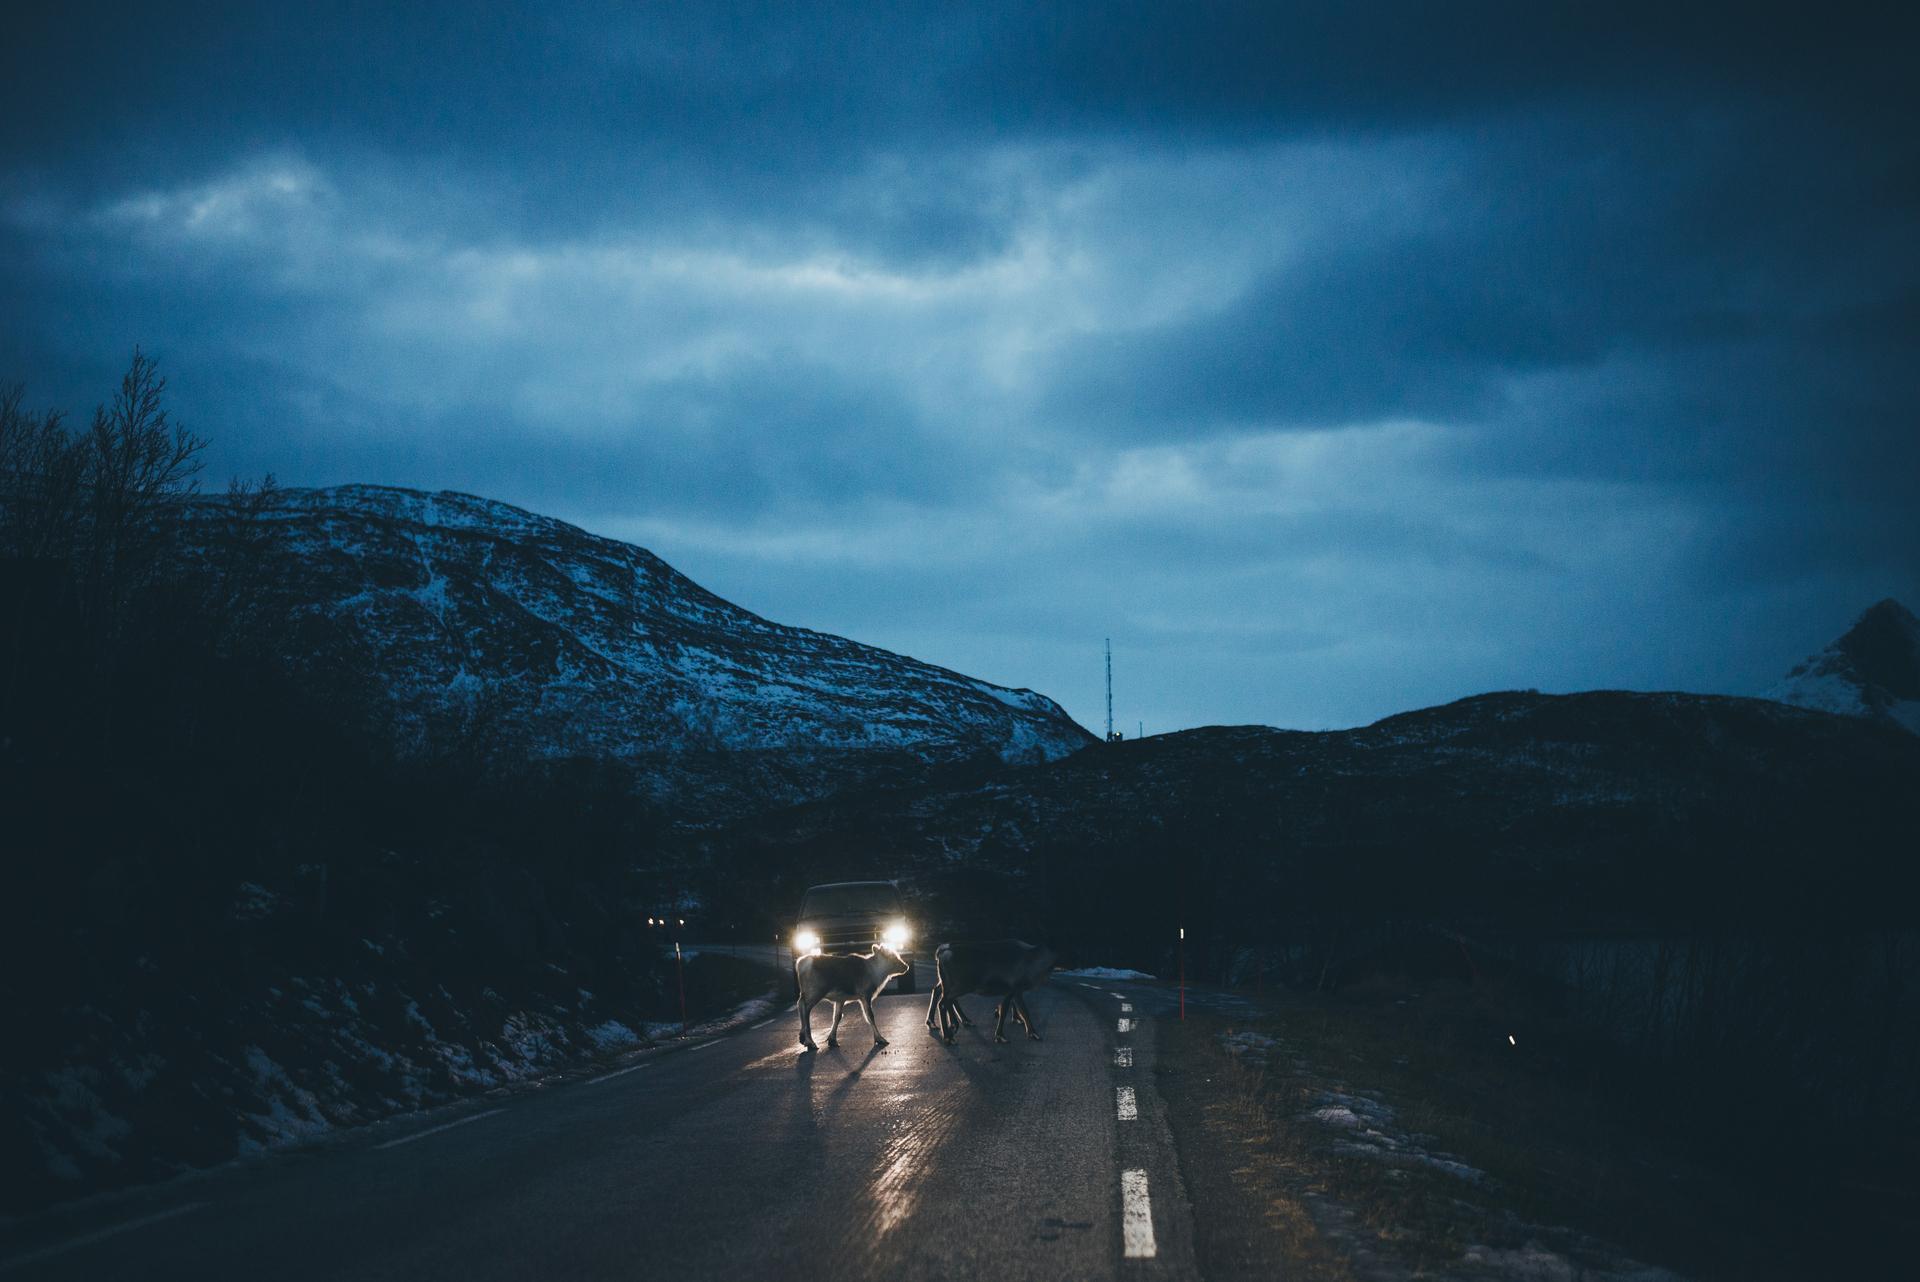 renifery na drodze